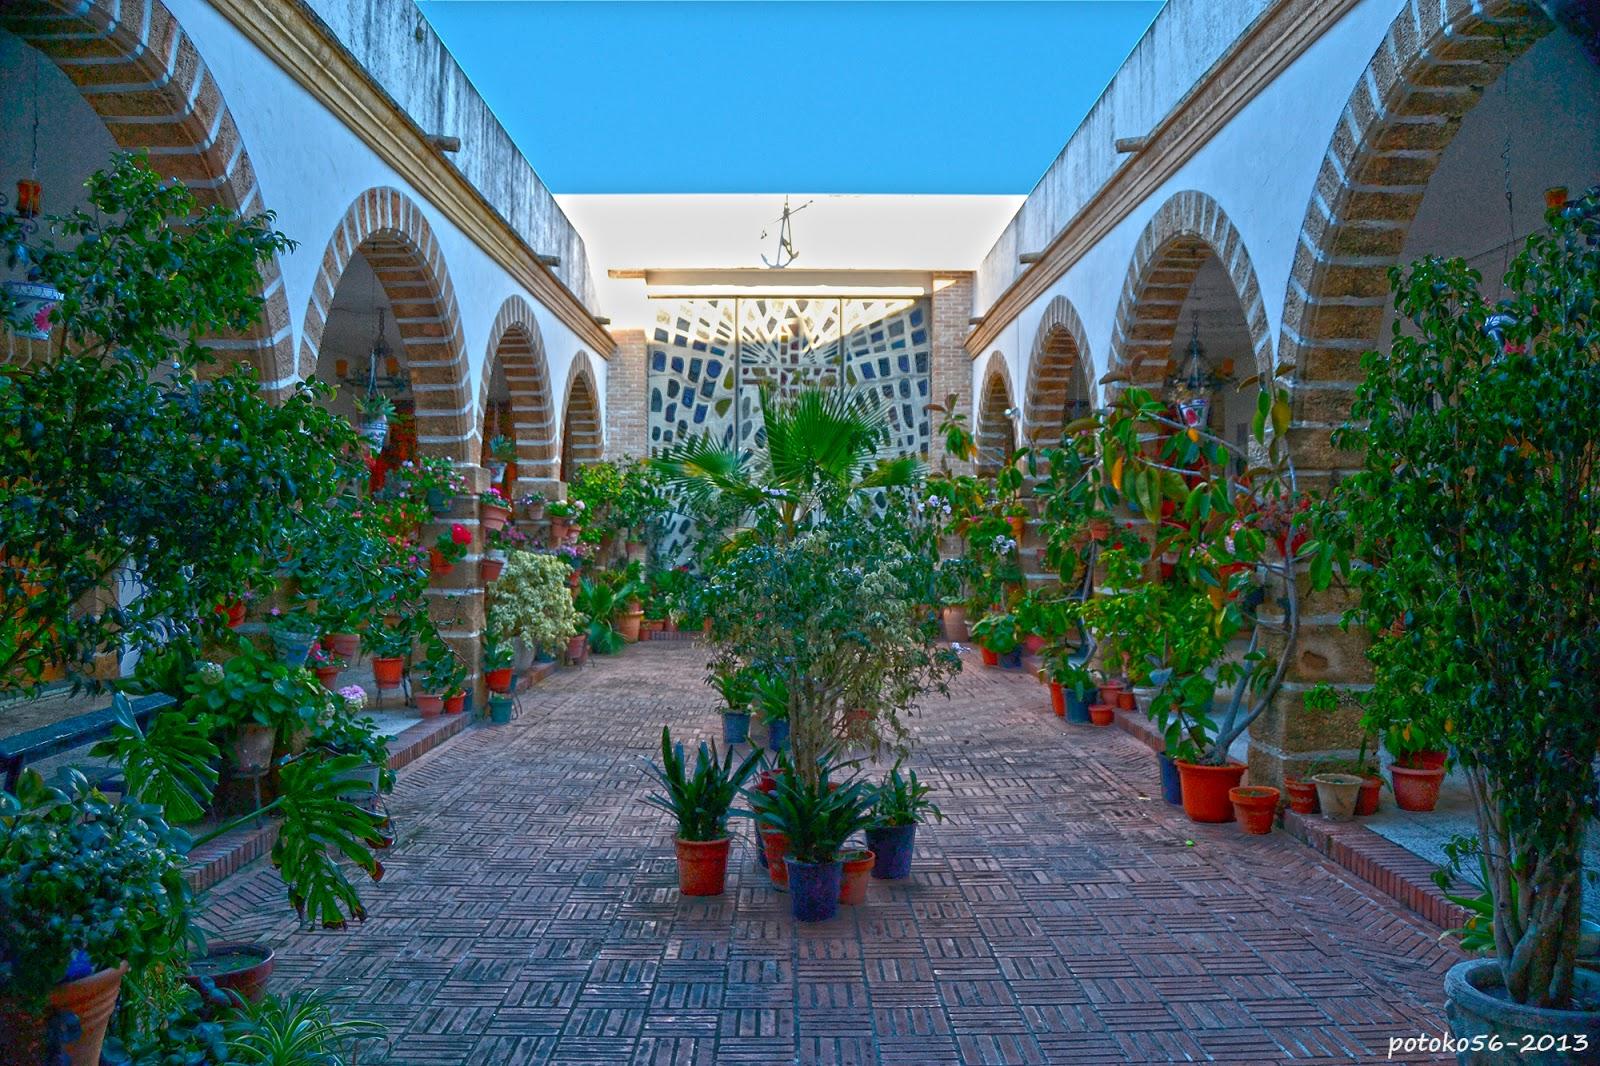 Vista del patio de la parroquia del Carmen Rota